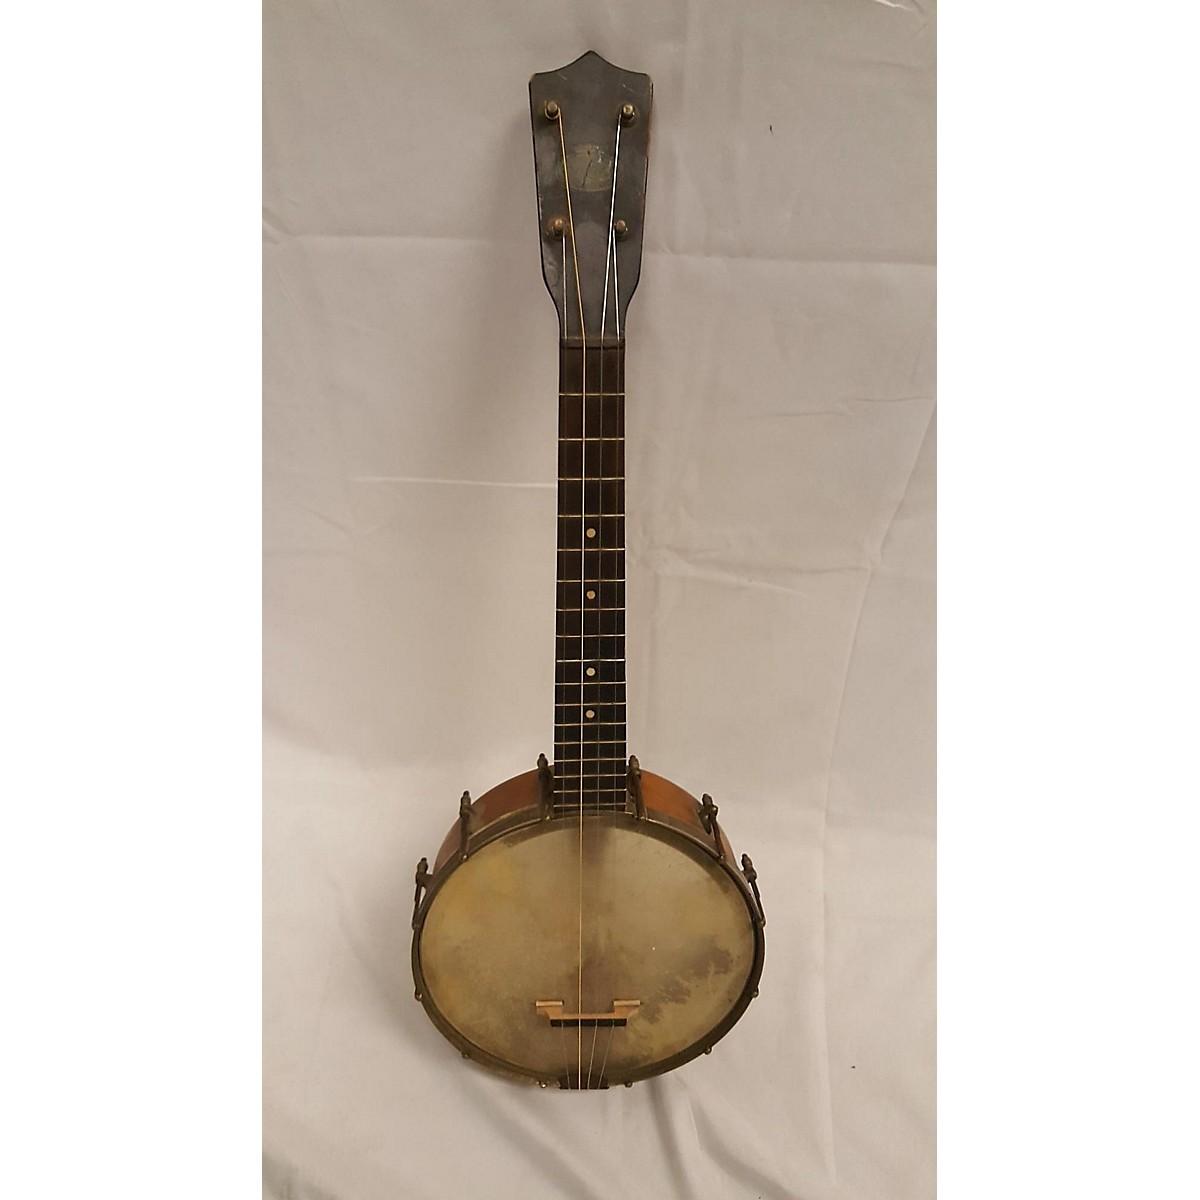 Regal 1940s Banjolin Banjolele